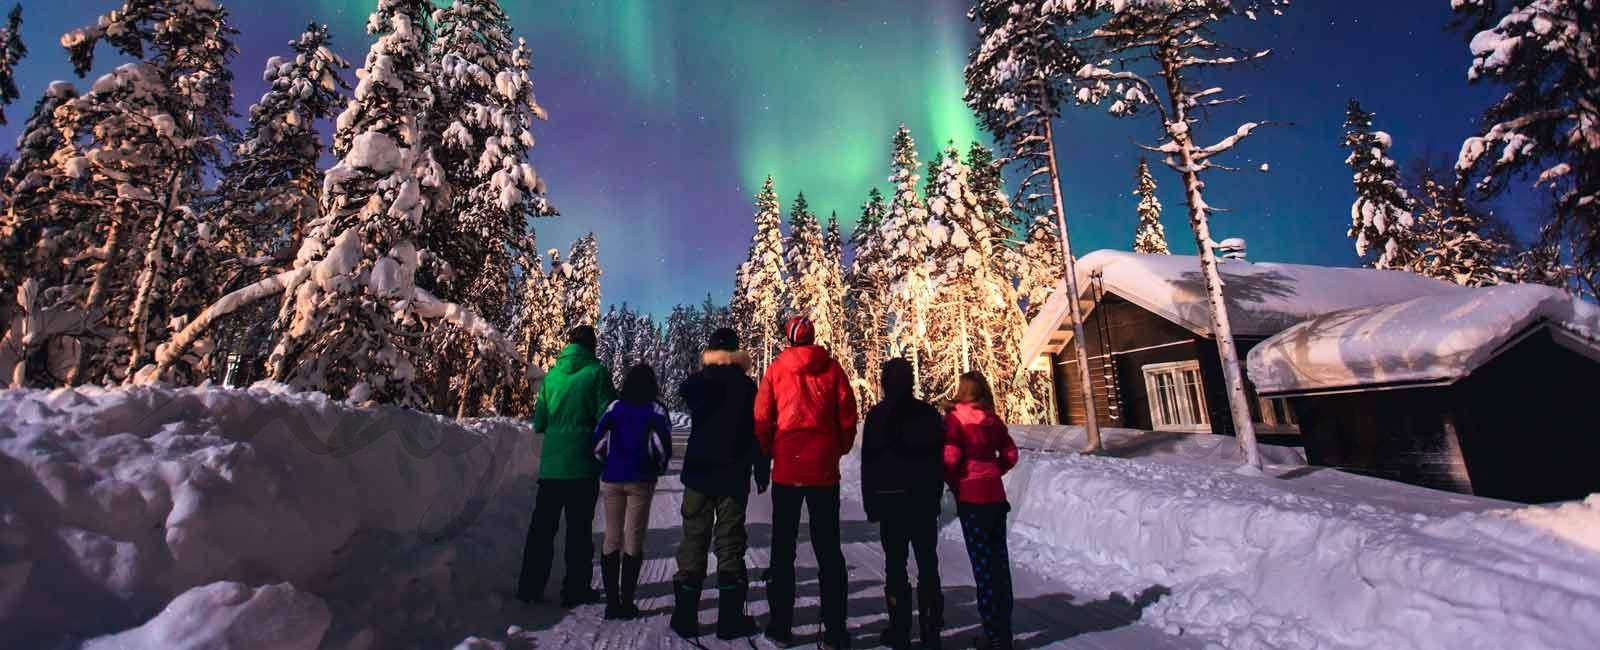 Los 10 destinos más atractivos para 2018